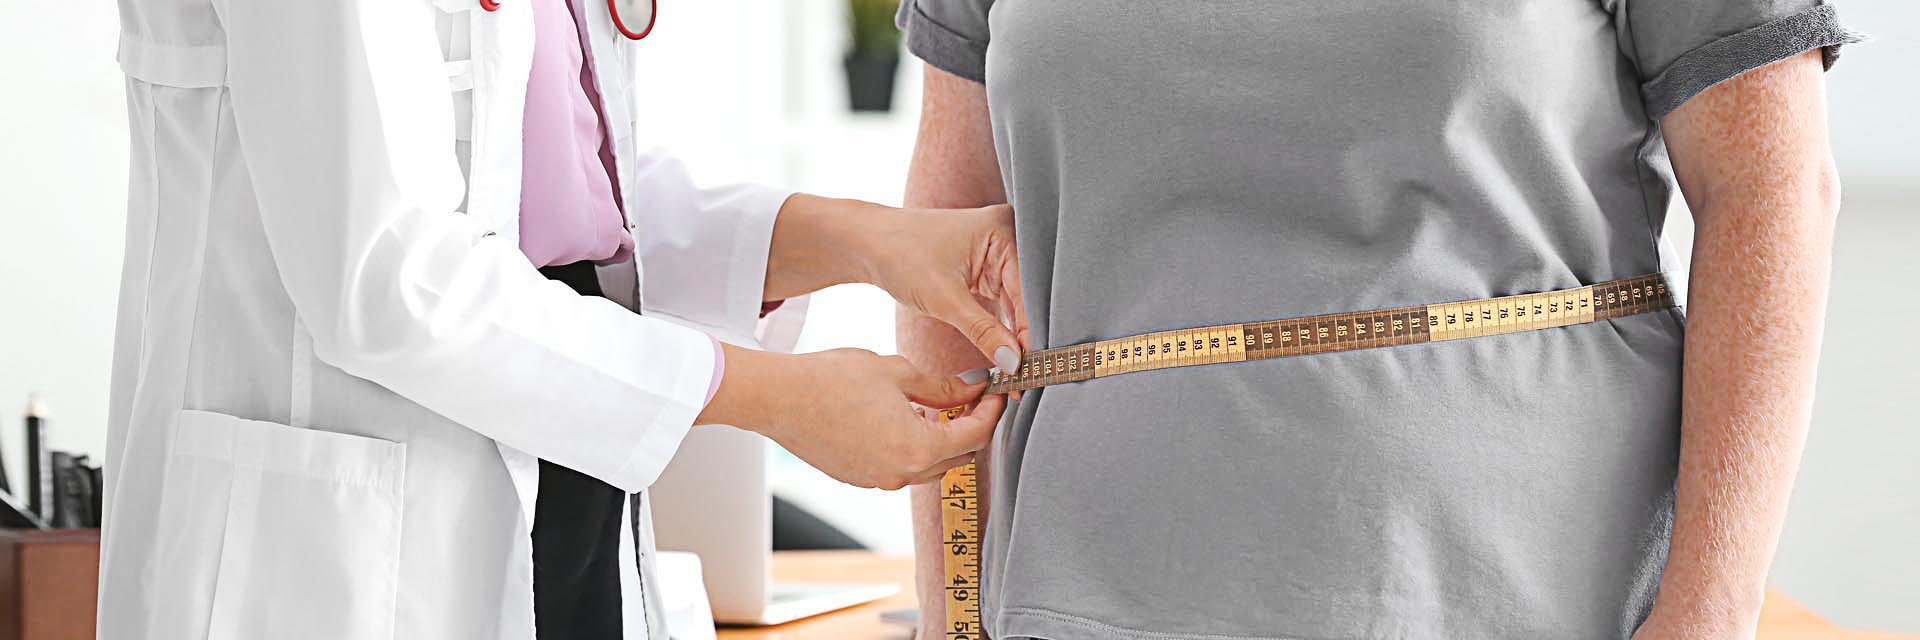 Obesità e infiammazione